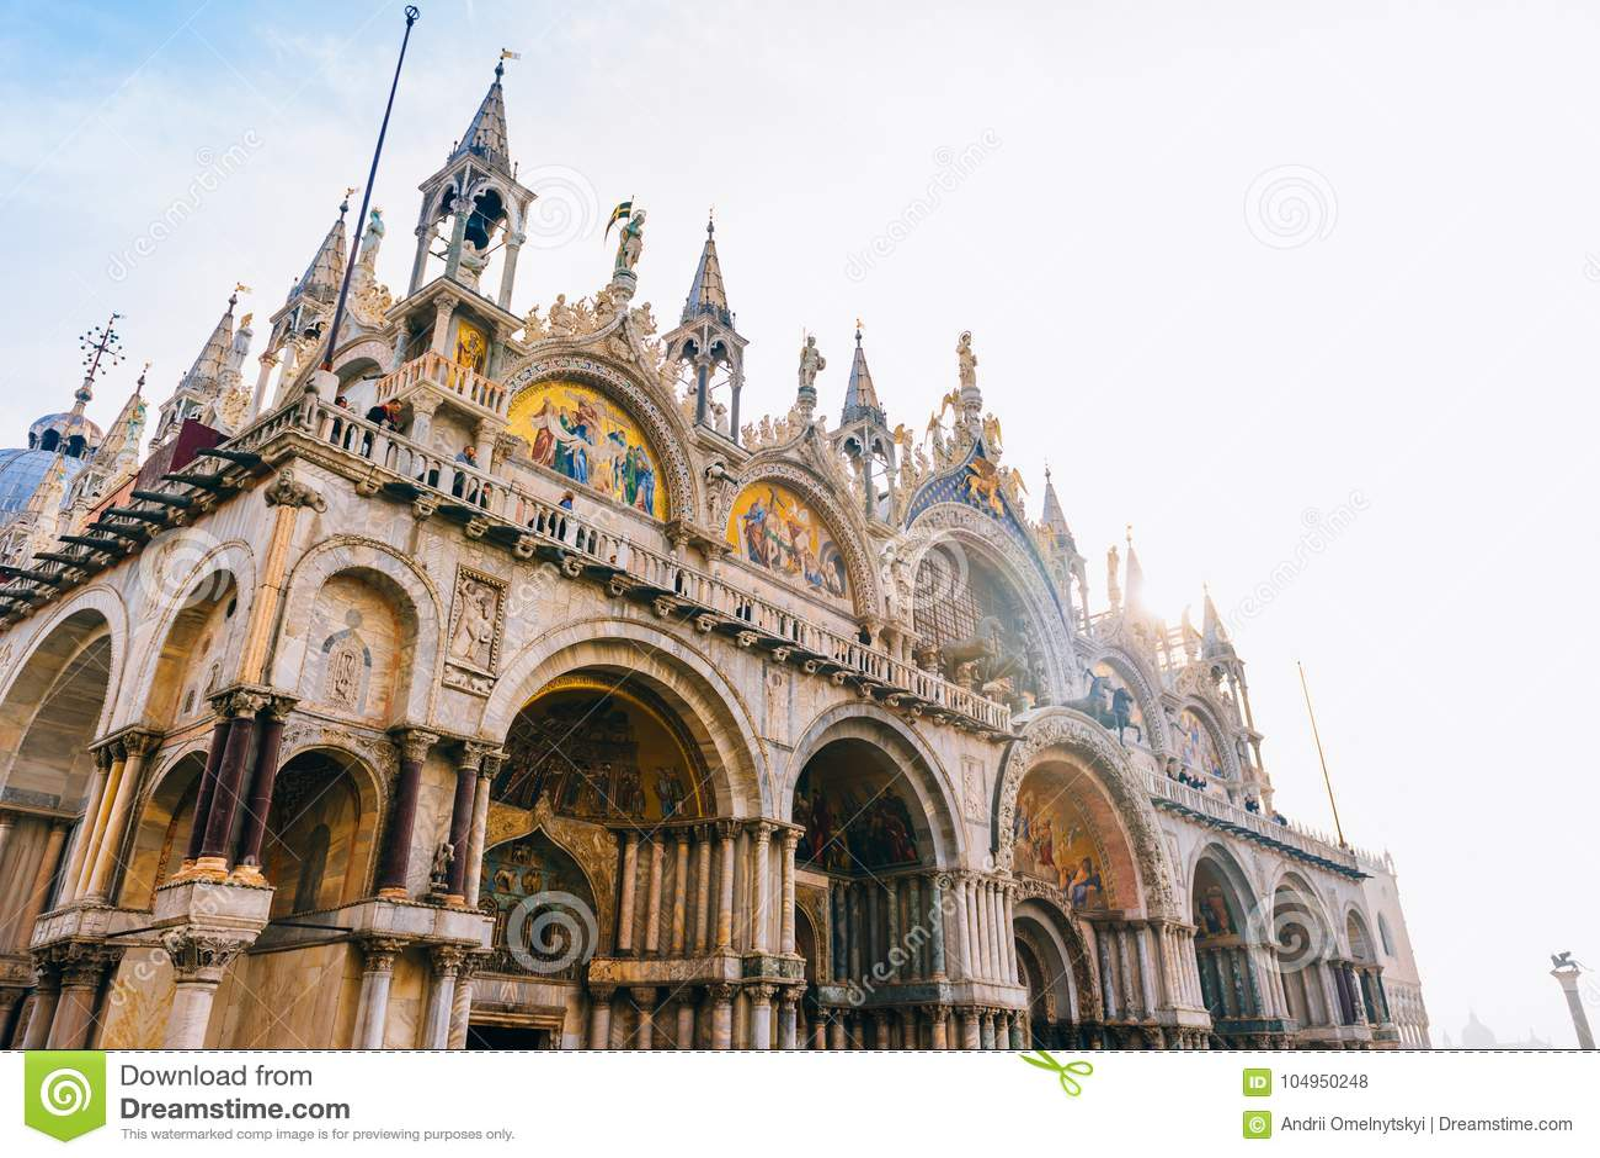 Touristische Wege des alten Venedigs